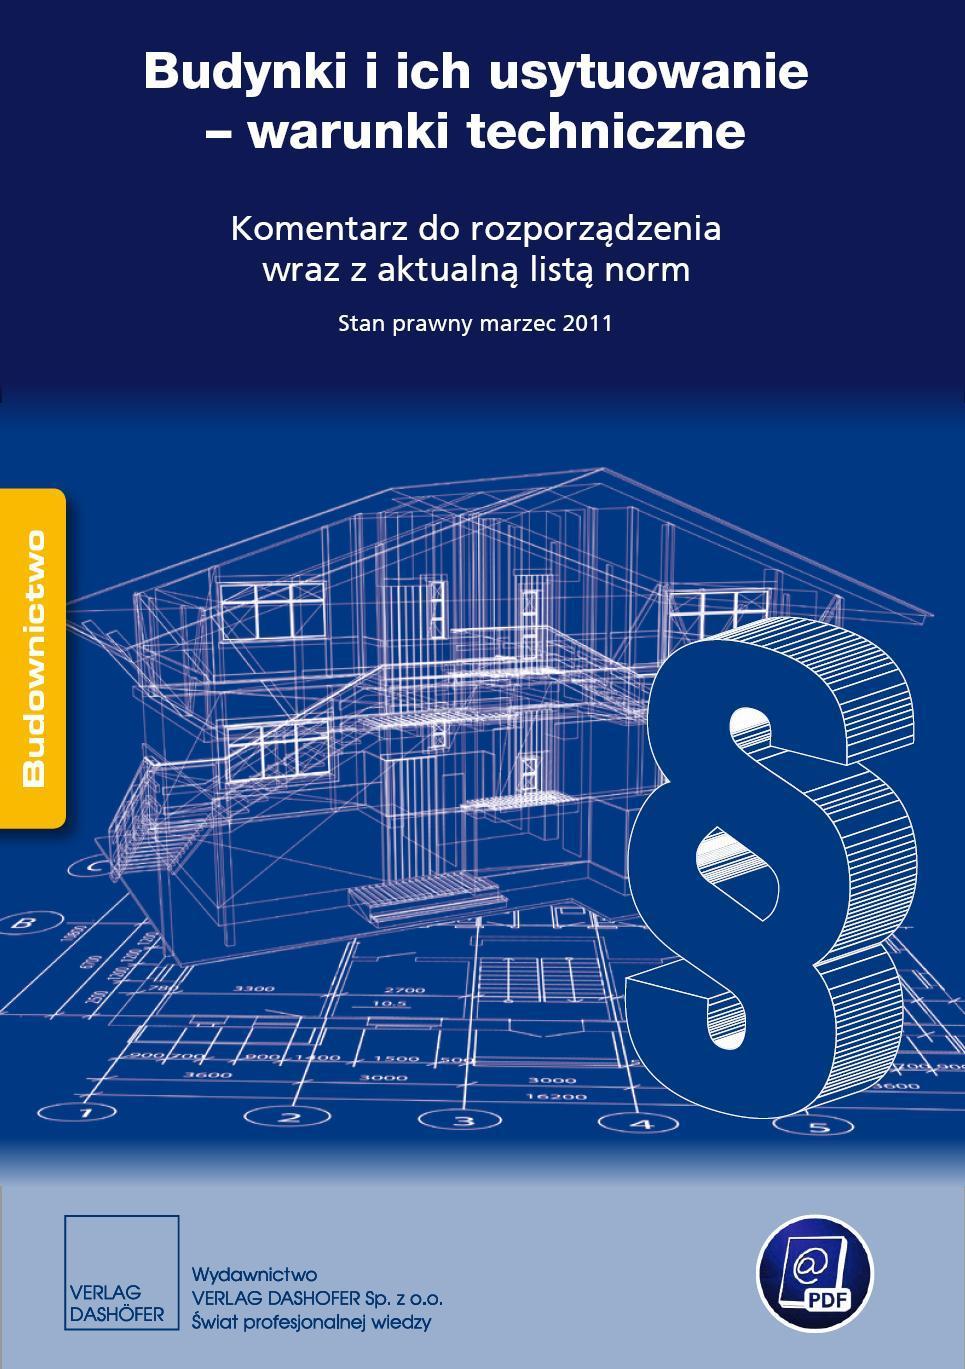 Budynki i ich usytuowanie - warunki techniczne Komentarz do rozporządzenia wraz z aktualną listą norm. - Ebook (Książka PDF) do pobrania w formacie PDF